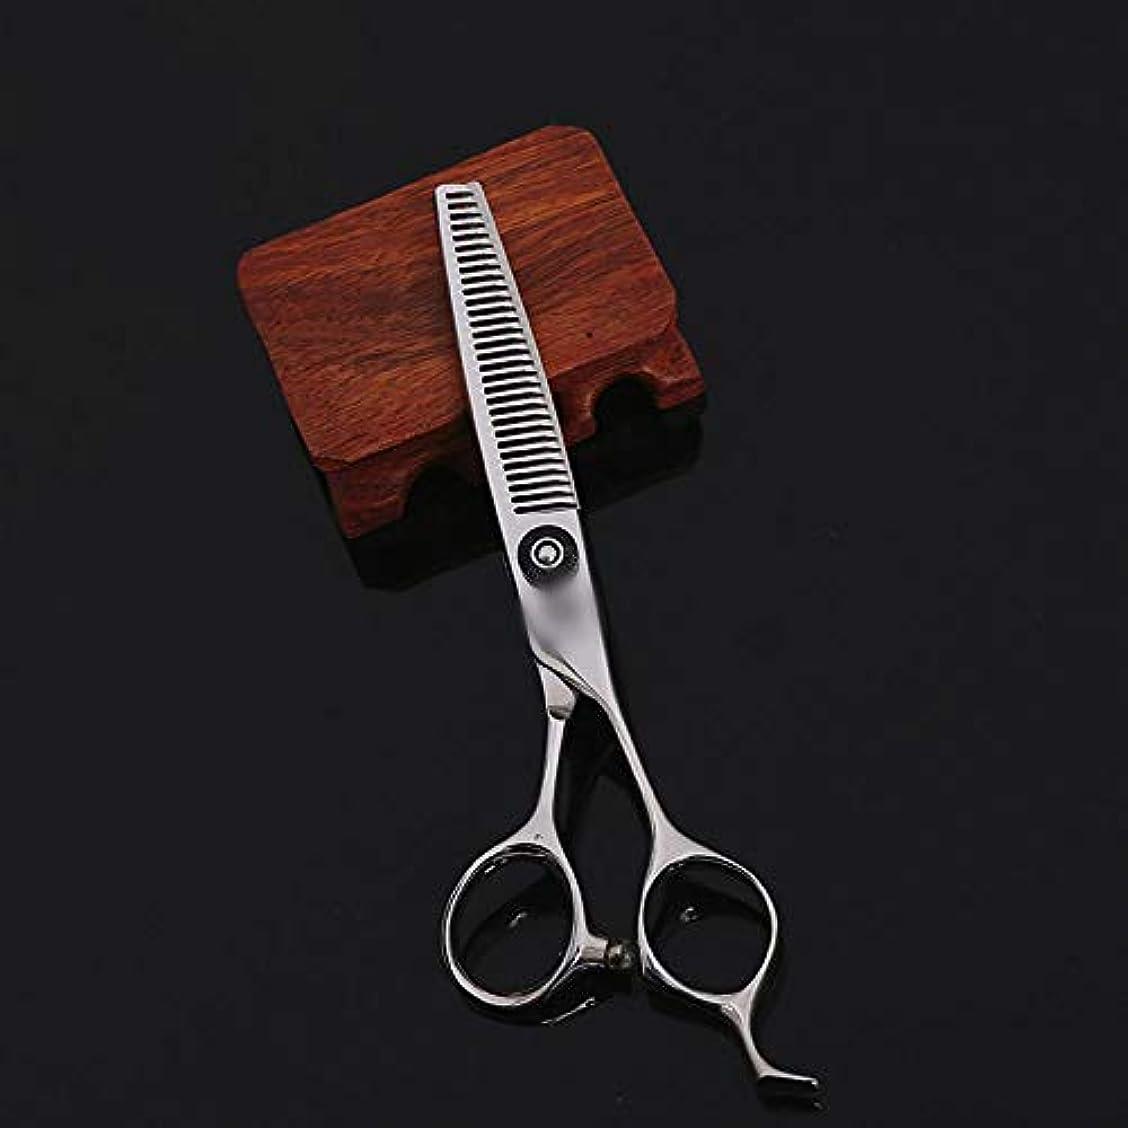 フィドル古くなった素人WASAIO プロフェッショナル口ひげトリミングアクセサリー薄毛のはさみはさみレベルカット理容室ステンレス鋼理髪6インチカービング (色 : Silver)